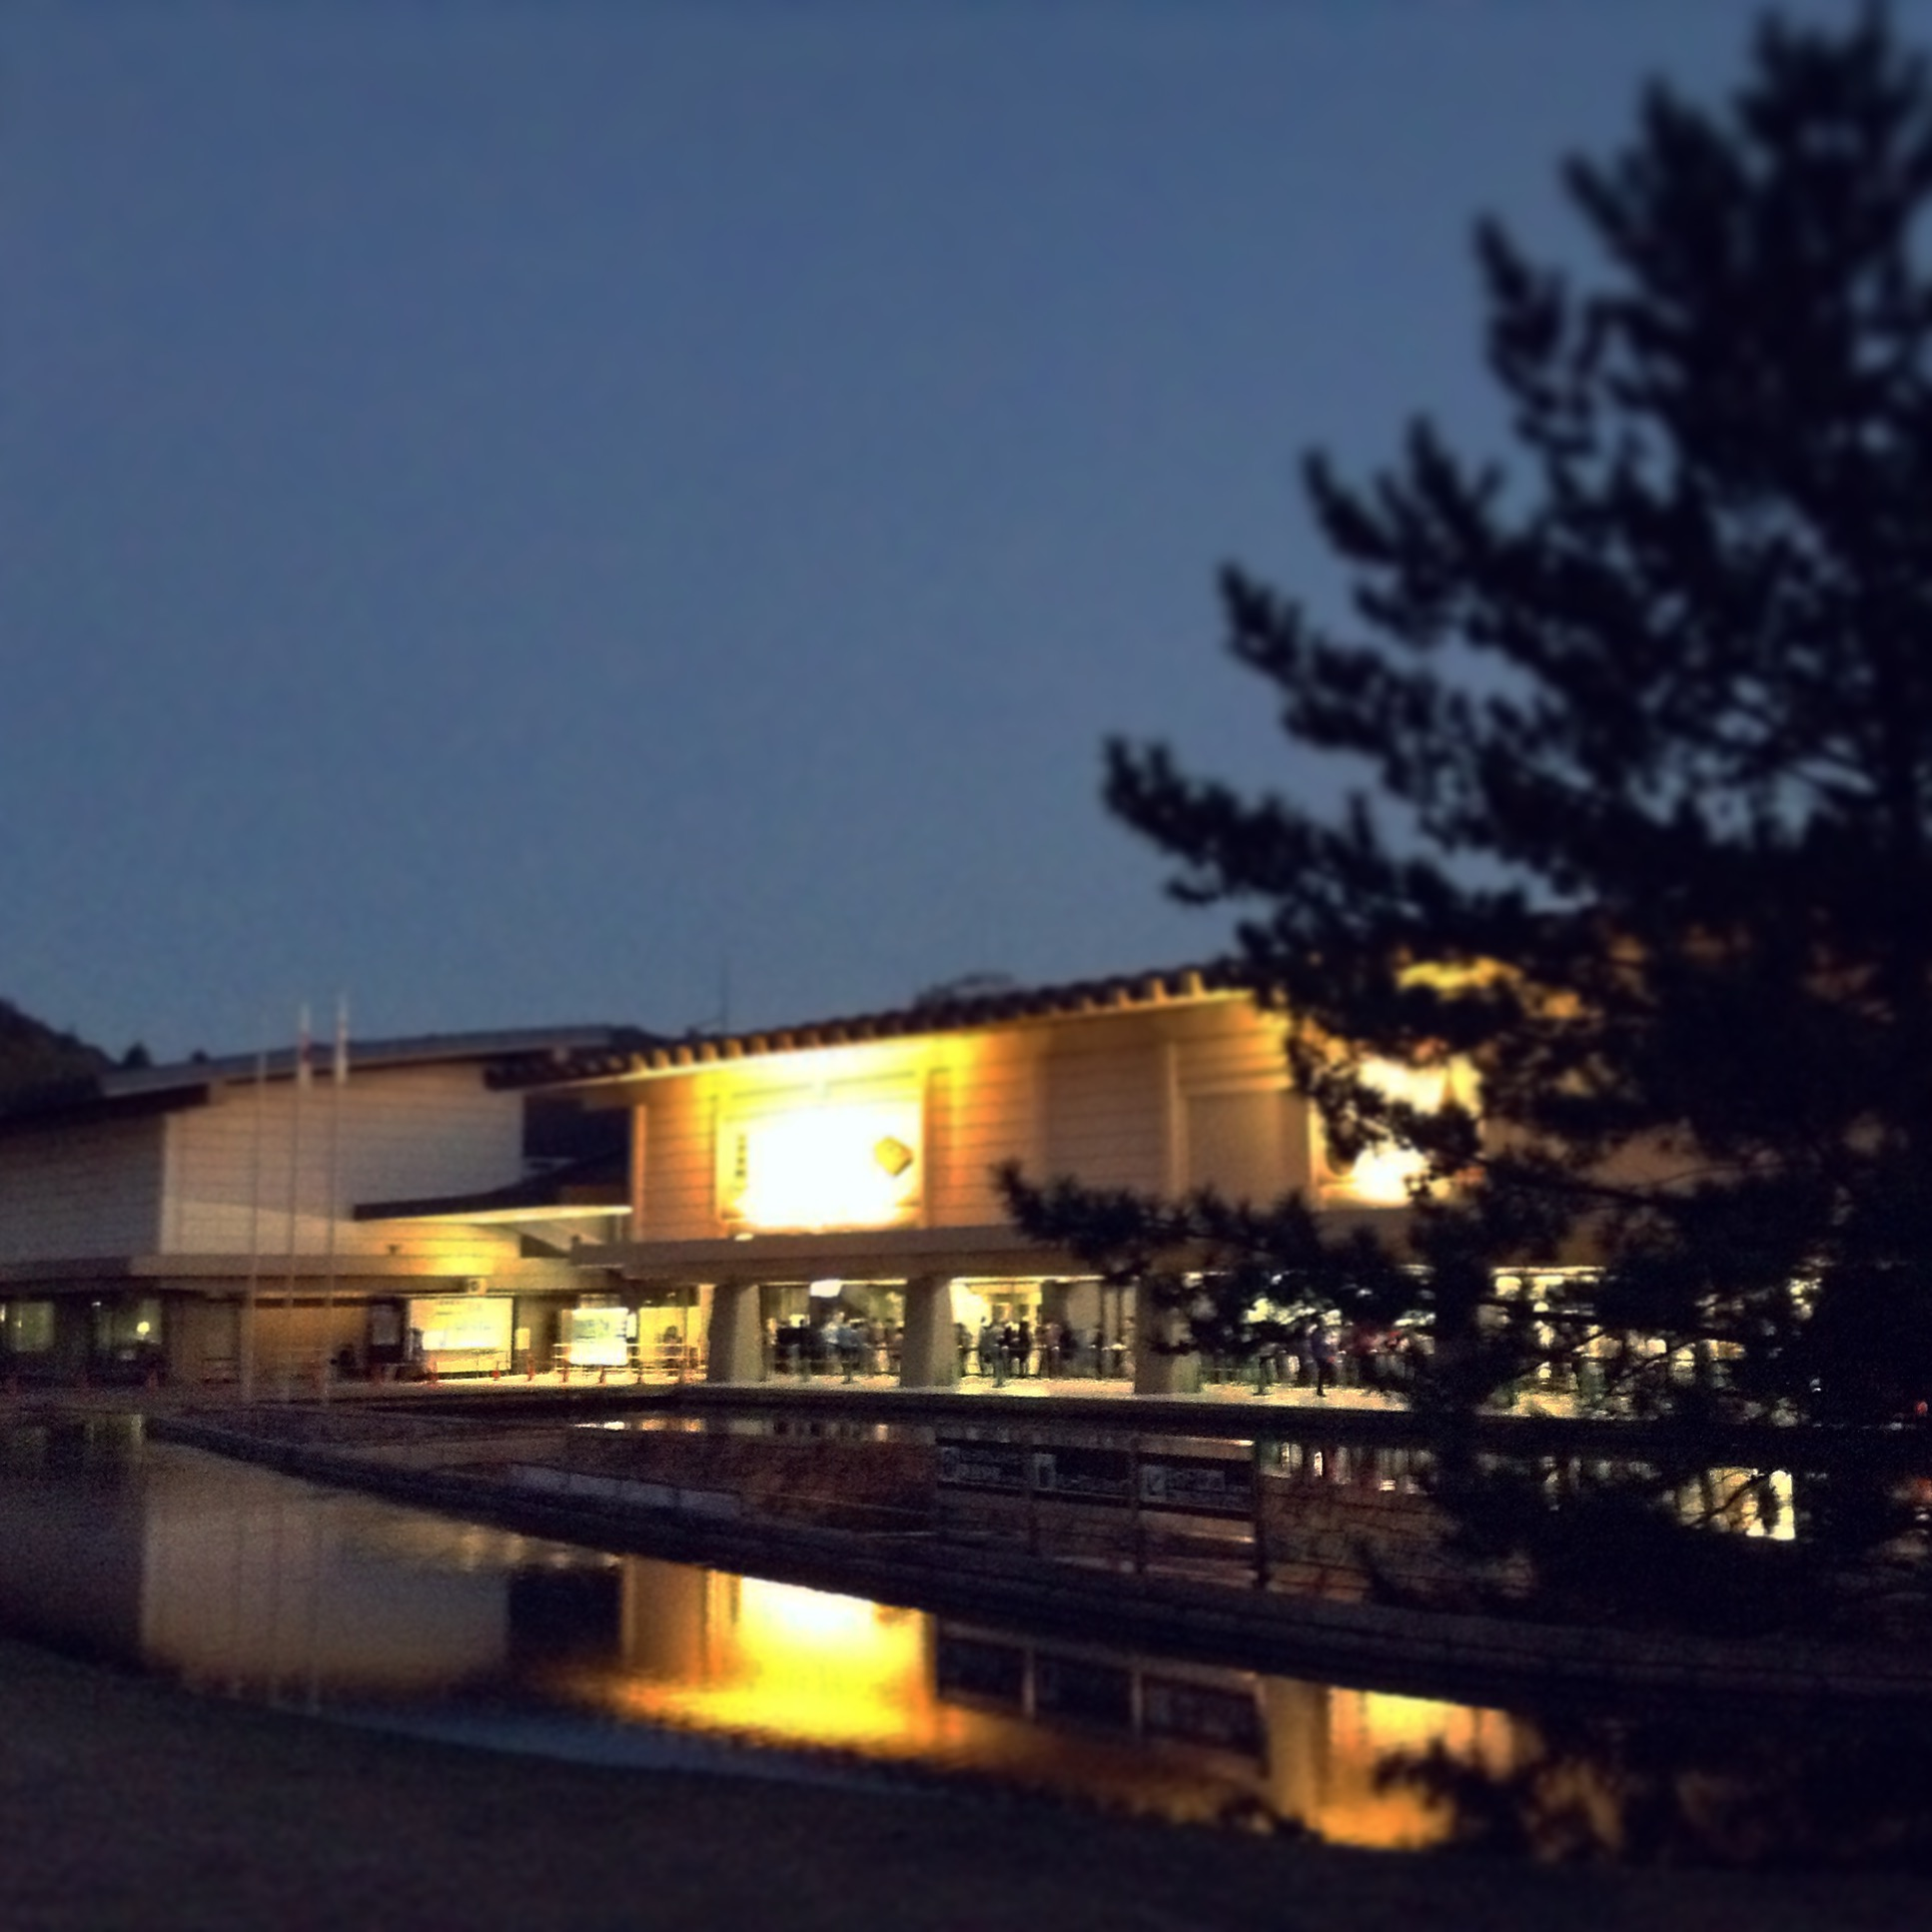 正倉院展開催中の奈良国立博物館の様子